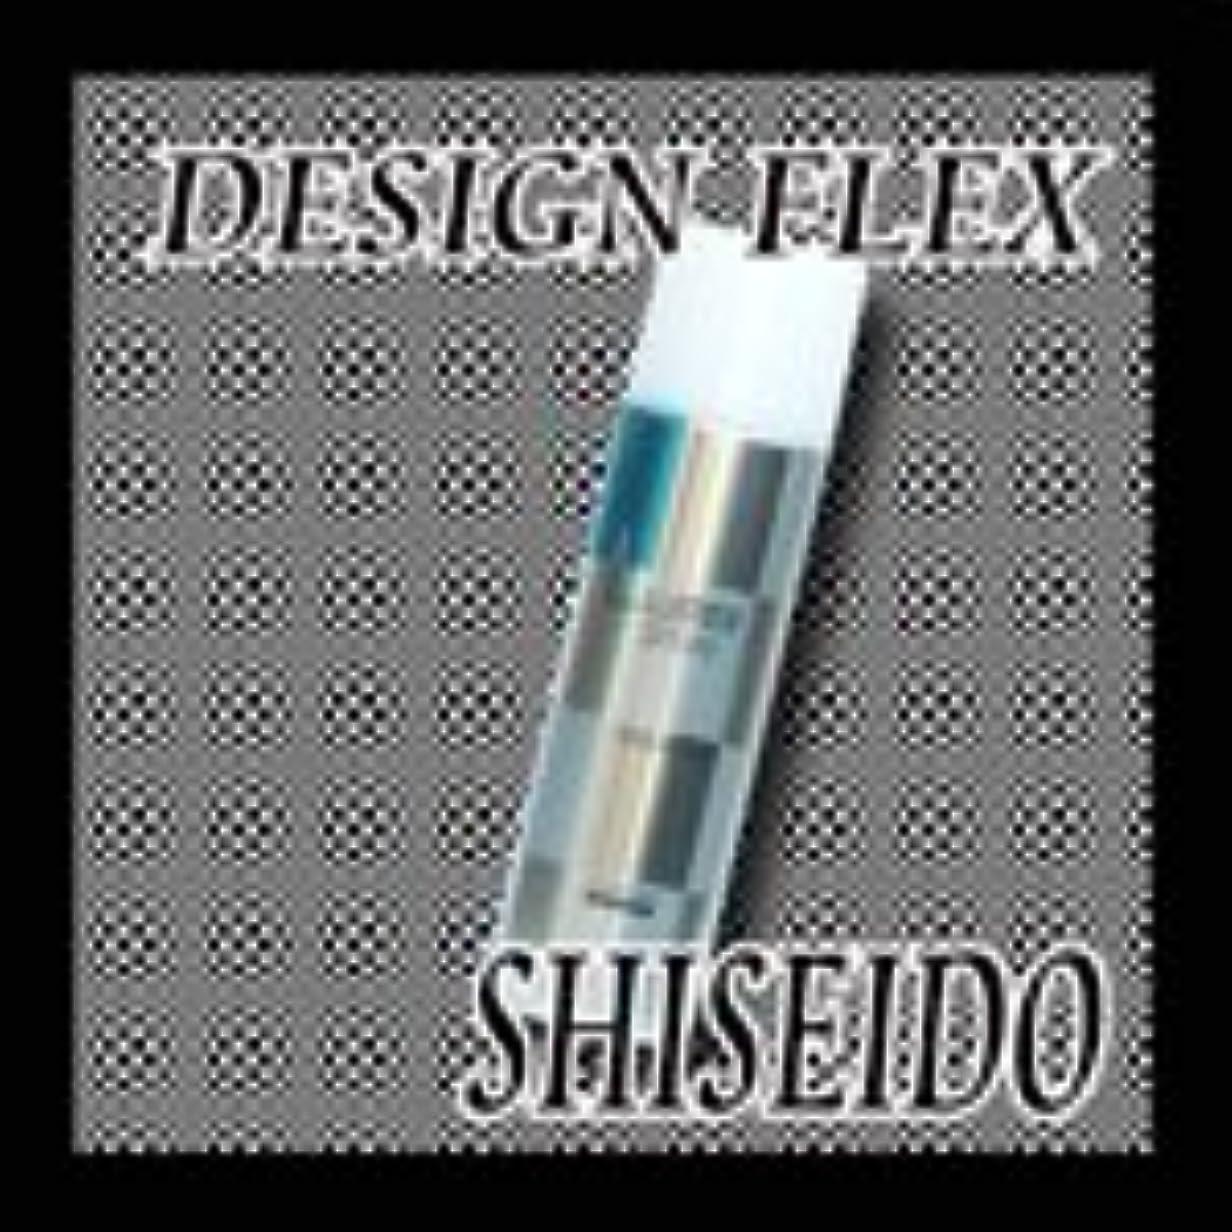 令状コントローラ穴SHISEIDO 資生堂 プロフェッショナル DESIGN FLEX デザインフレックス ラスタースプレー215g